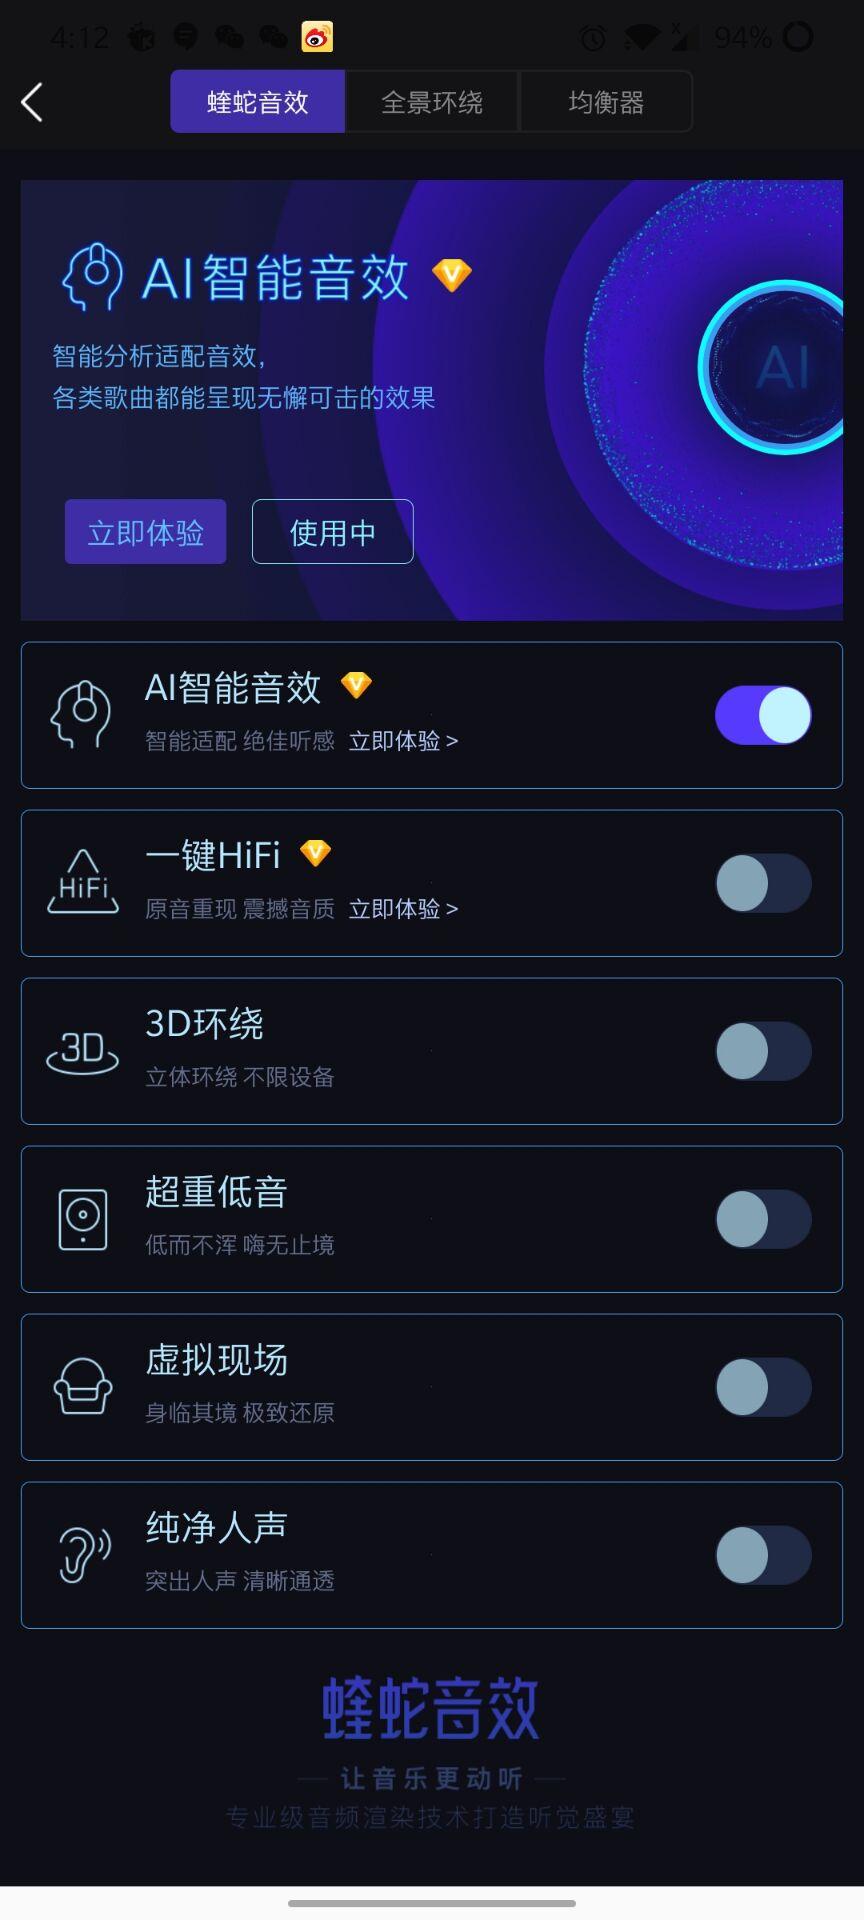 【资源分享】酷我音乐9.3.1无损音乐/解锁VIP/具备超多音乐